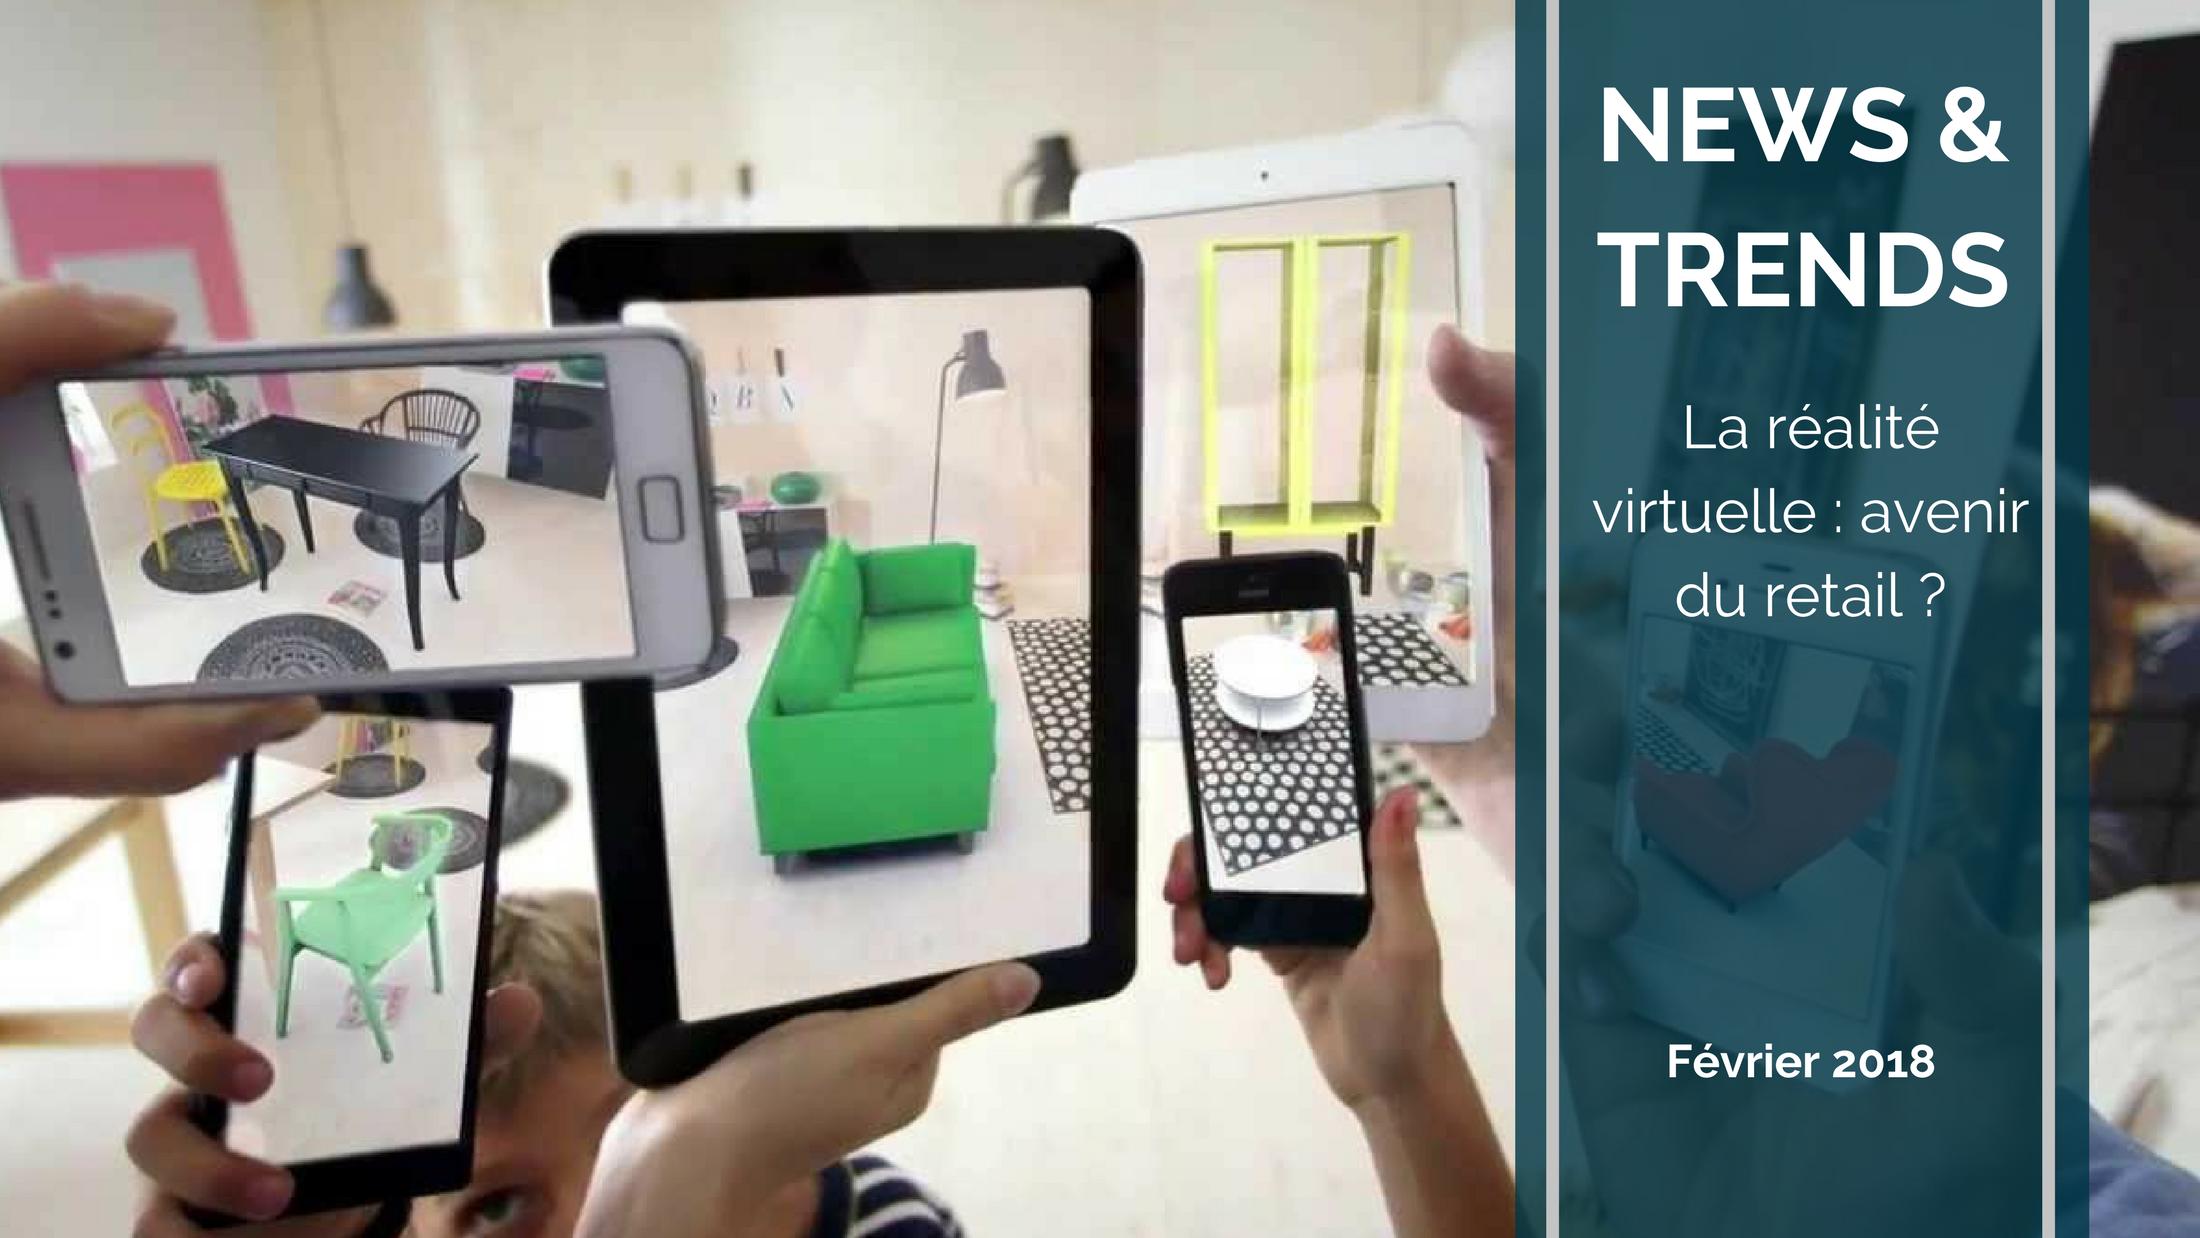 Trends News suite 7 - Réalité virtuelle : l'avenir du retail ?